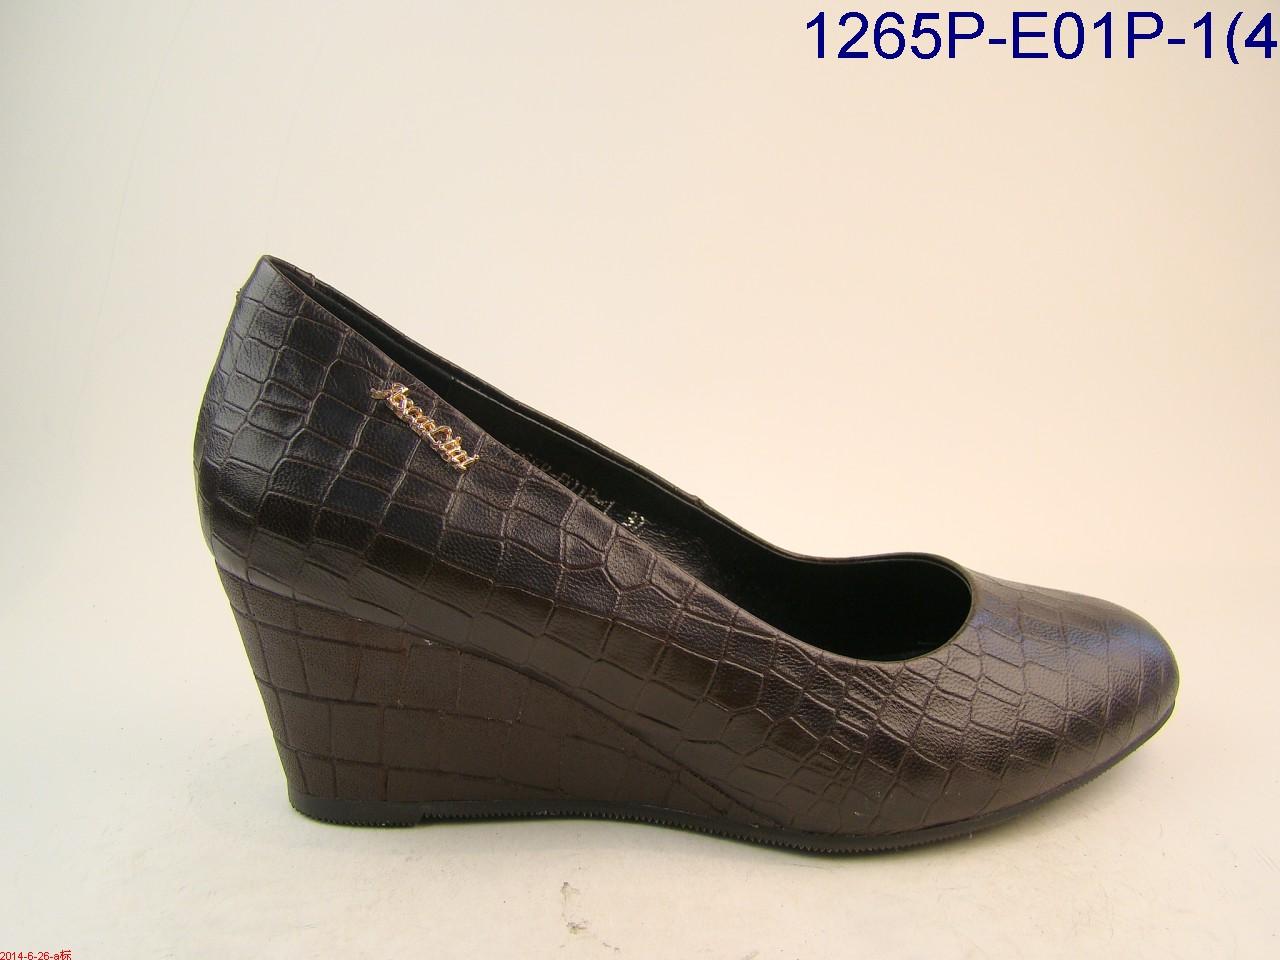 Туфли, р.35-41, нат.кожа, расширенная полнота, цена-6050р, спец.цена-5230р.